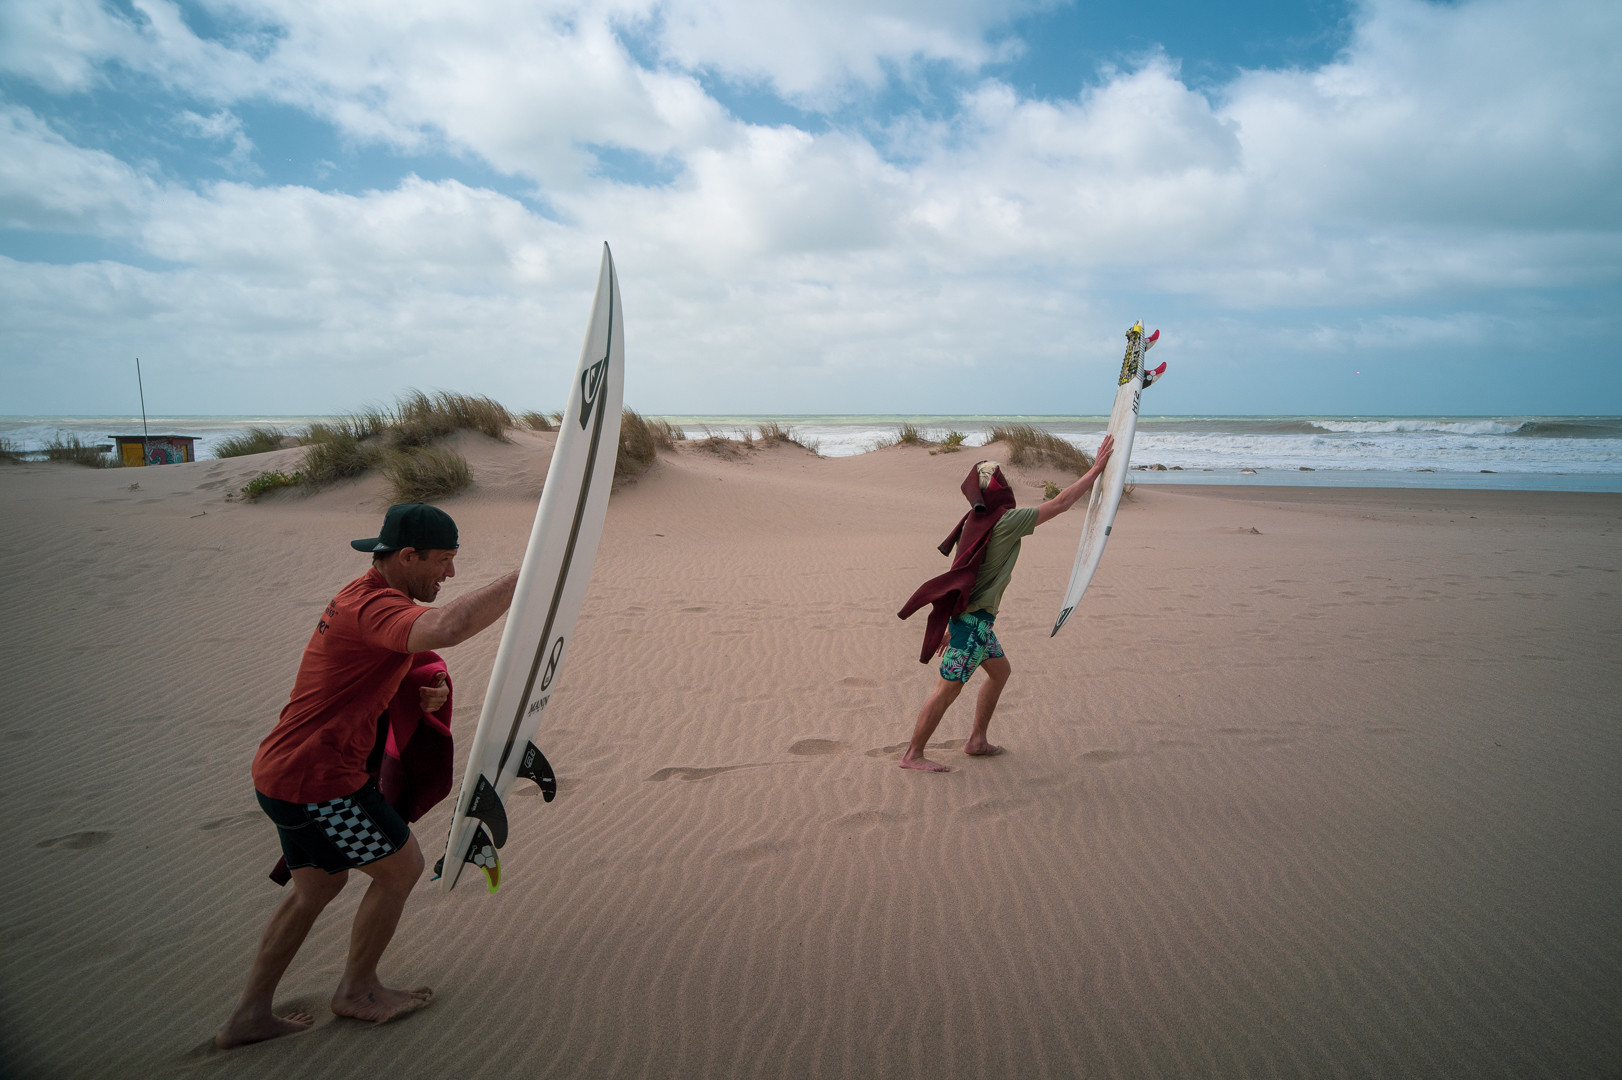 El surf se prepara para volver a competir: diversión con seriedad